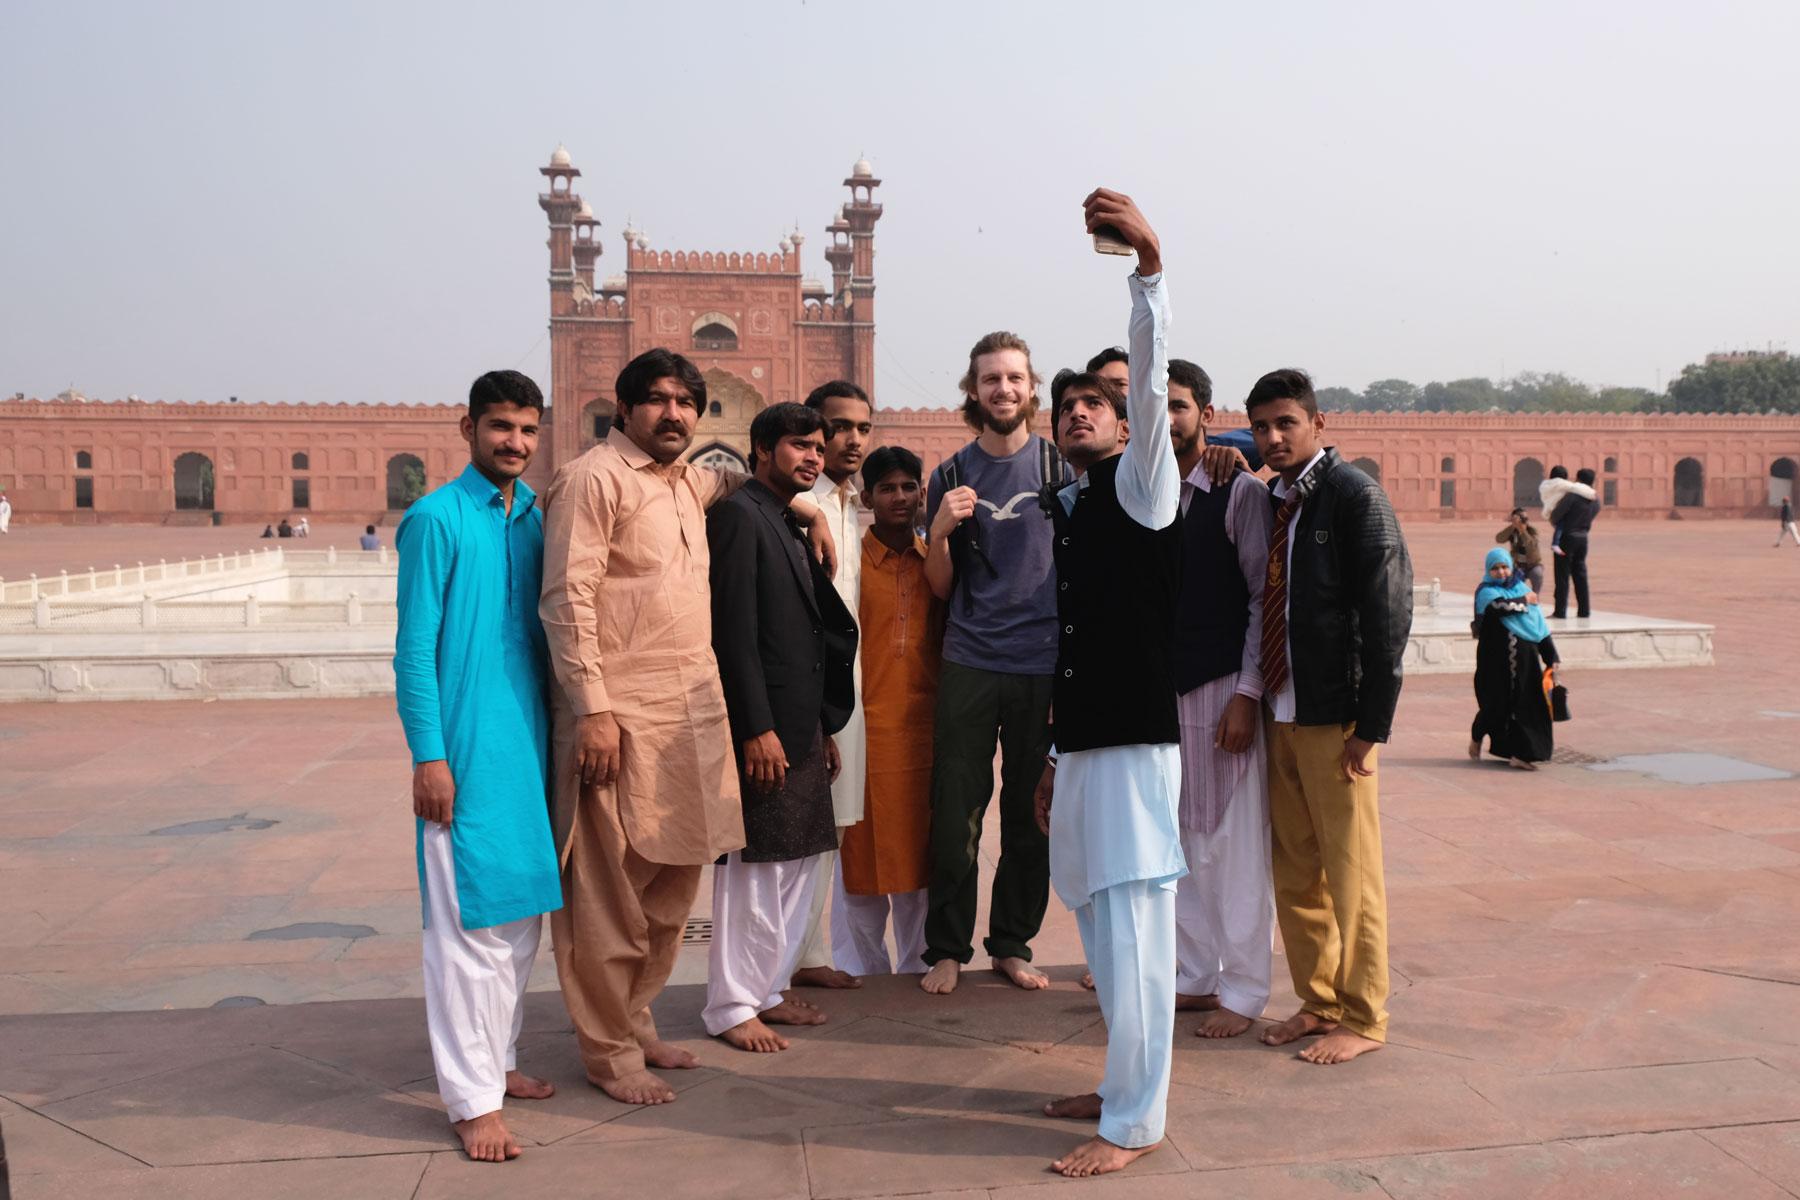 Da außer uns nur wenige Ausländer die Moschee besuchen, sind wir beliebte Foto-Partner für Selfies :-)